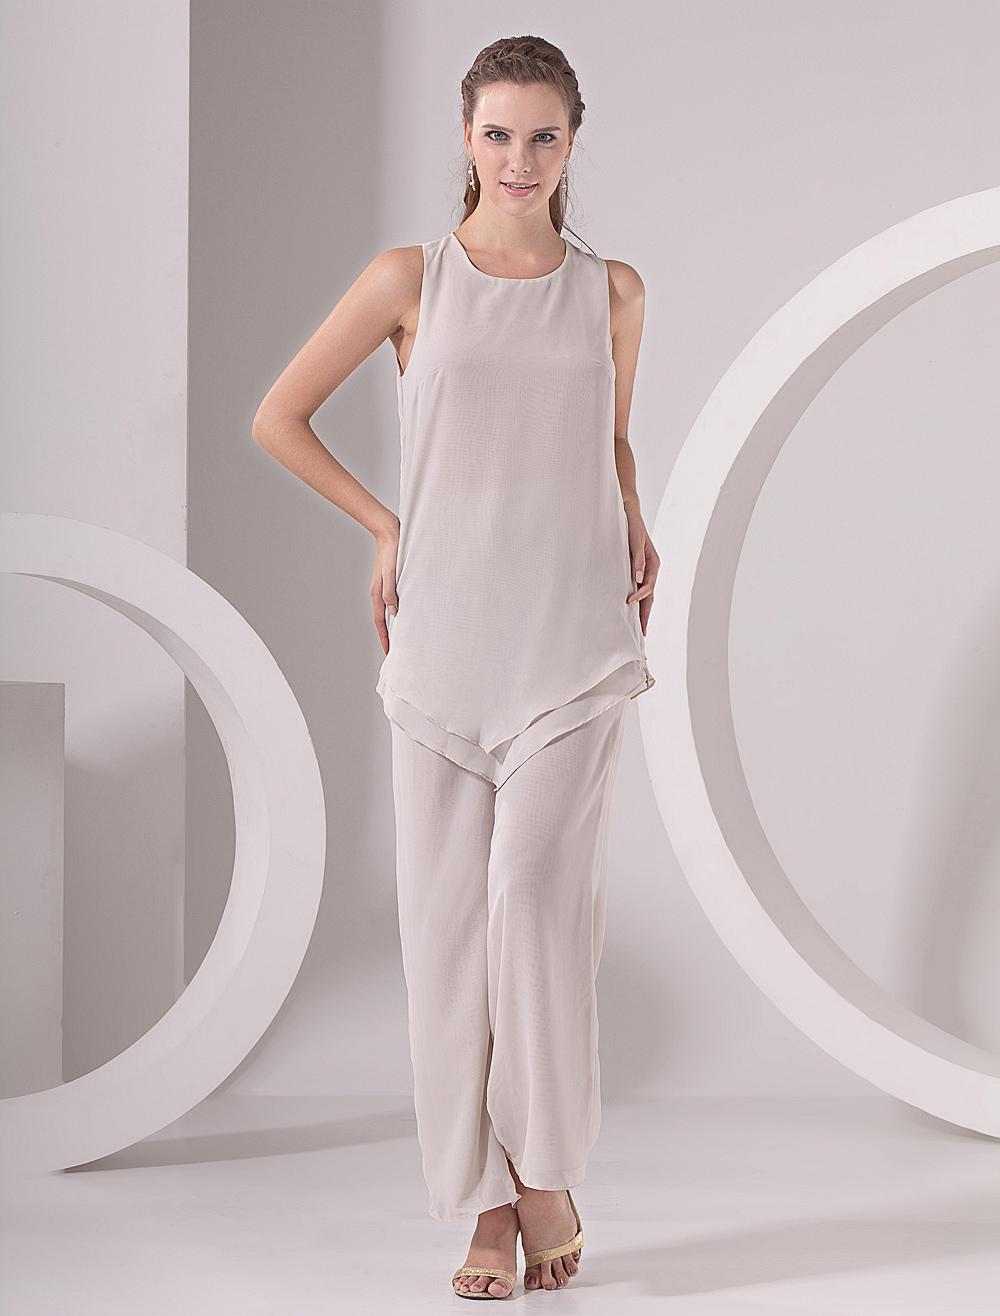 Eccezionale Abito per la madre della sposa grigio in chiffon con pantaloni  BY07